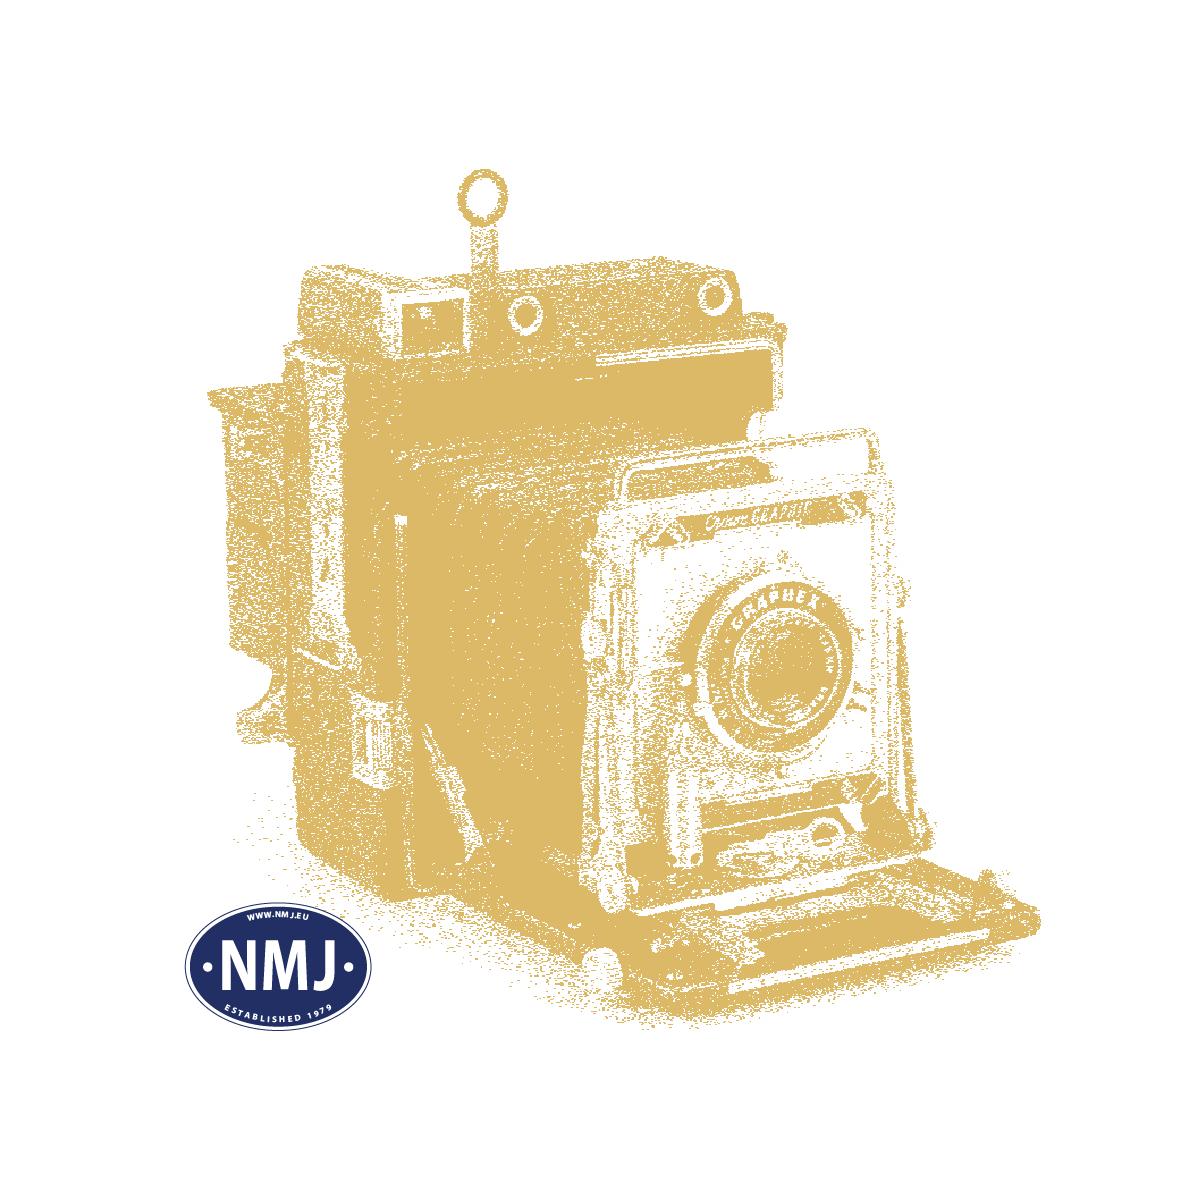 NMJH15118 - Norwegische Garage, Rot / Weiß, H0 Fertigmodell